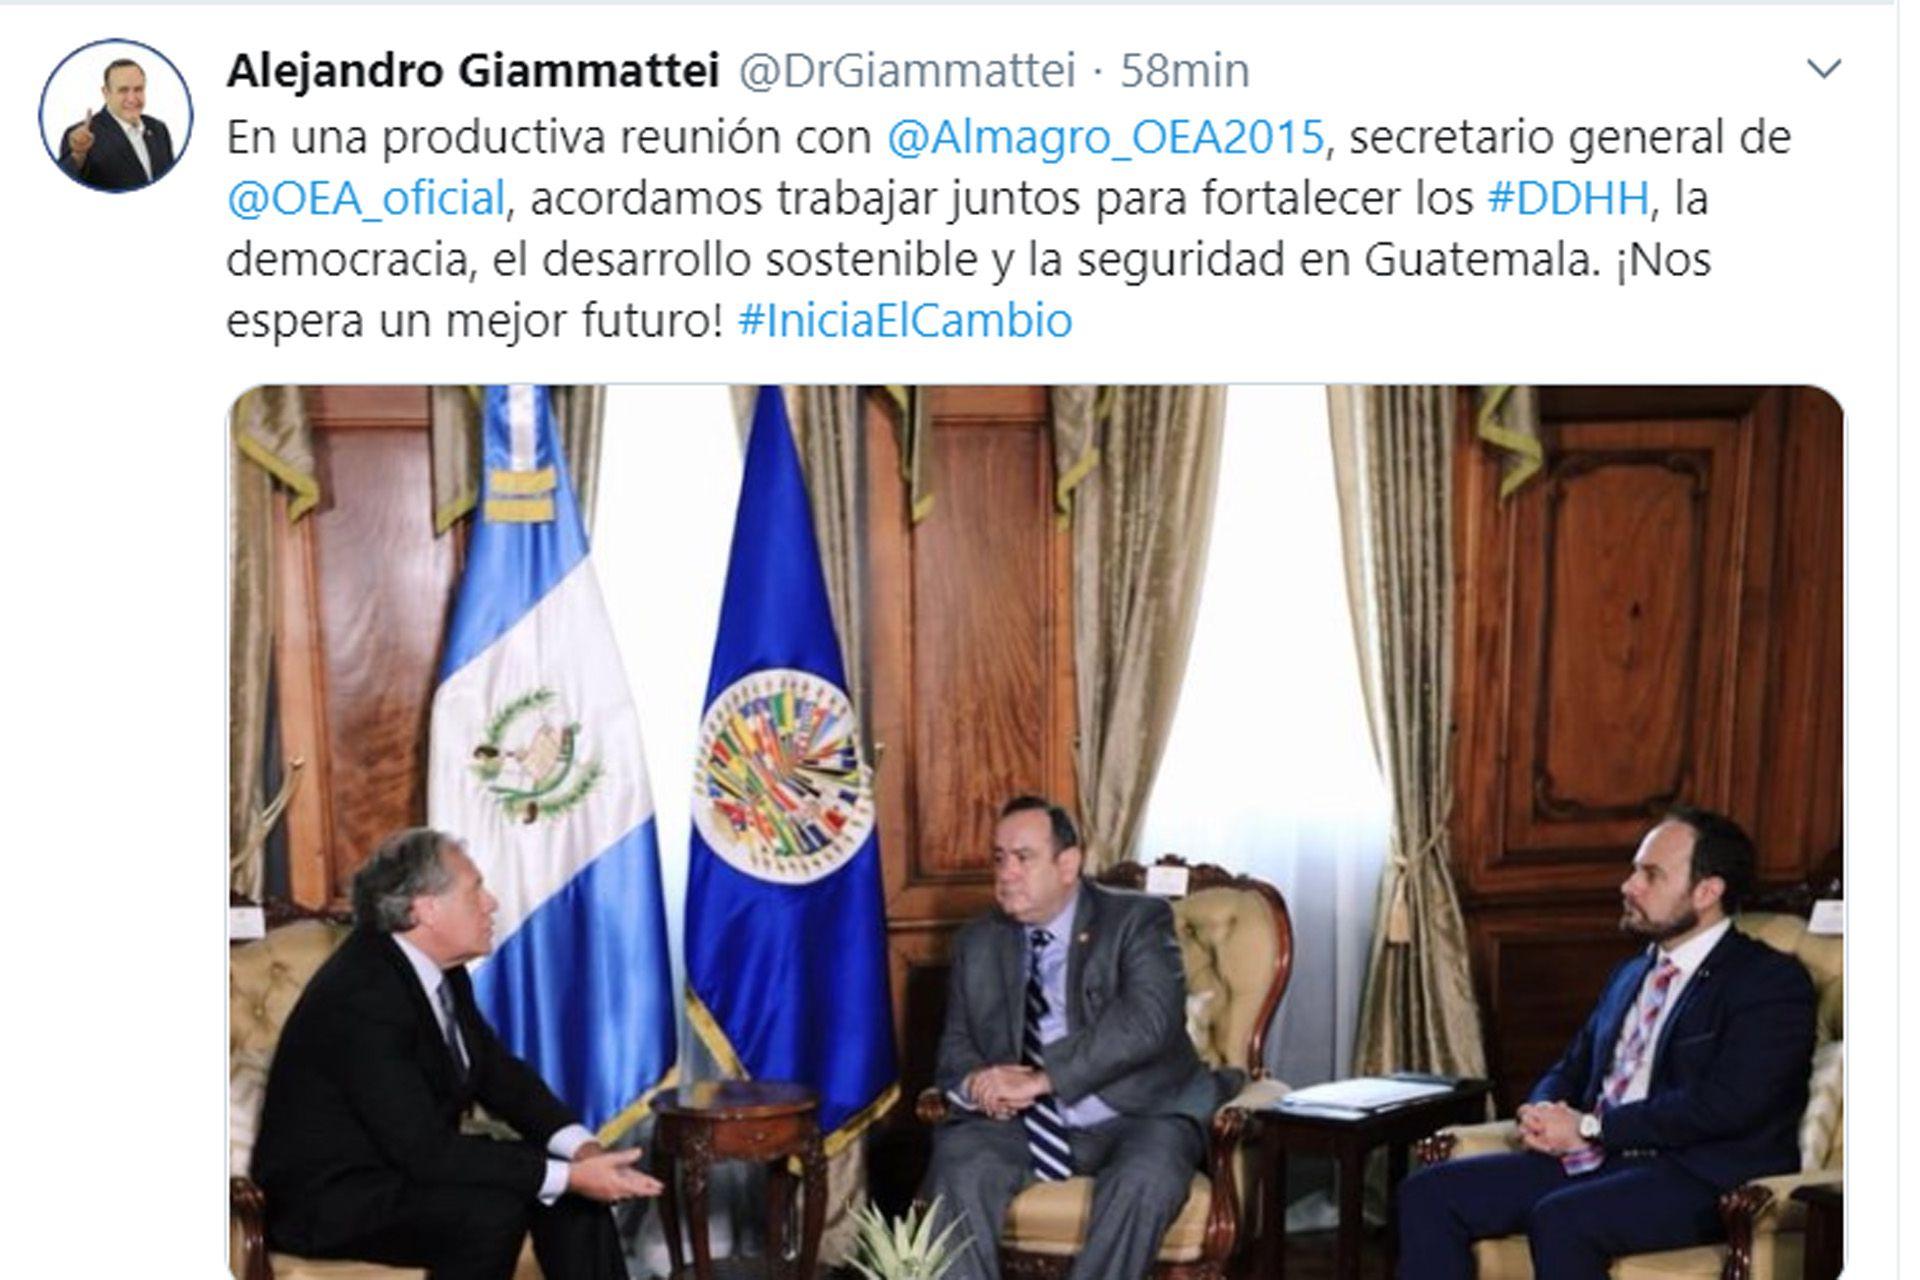 Giammattei publicó una foto de su reunión con Luis Almagro. Foto: @DrGiammattei